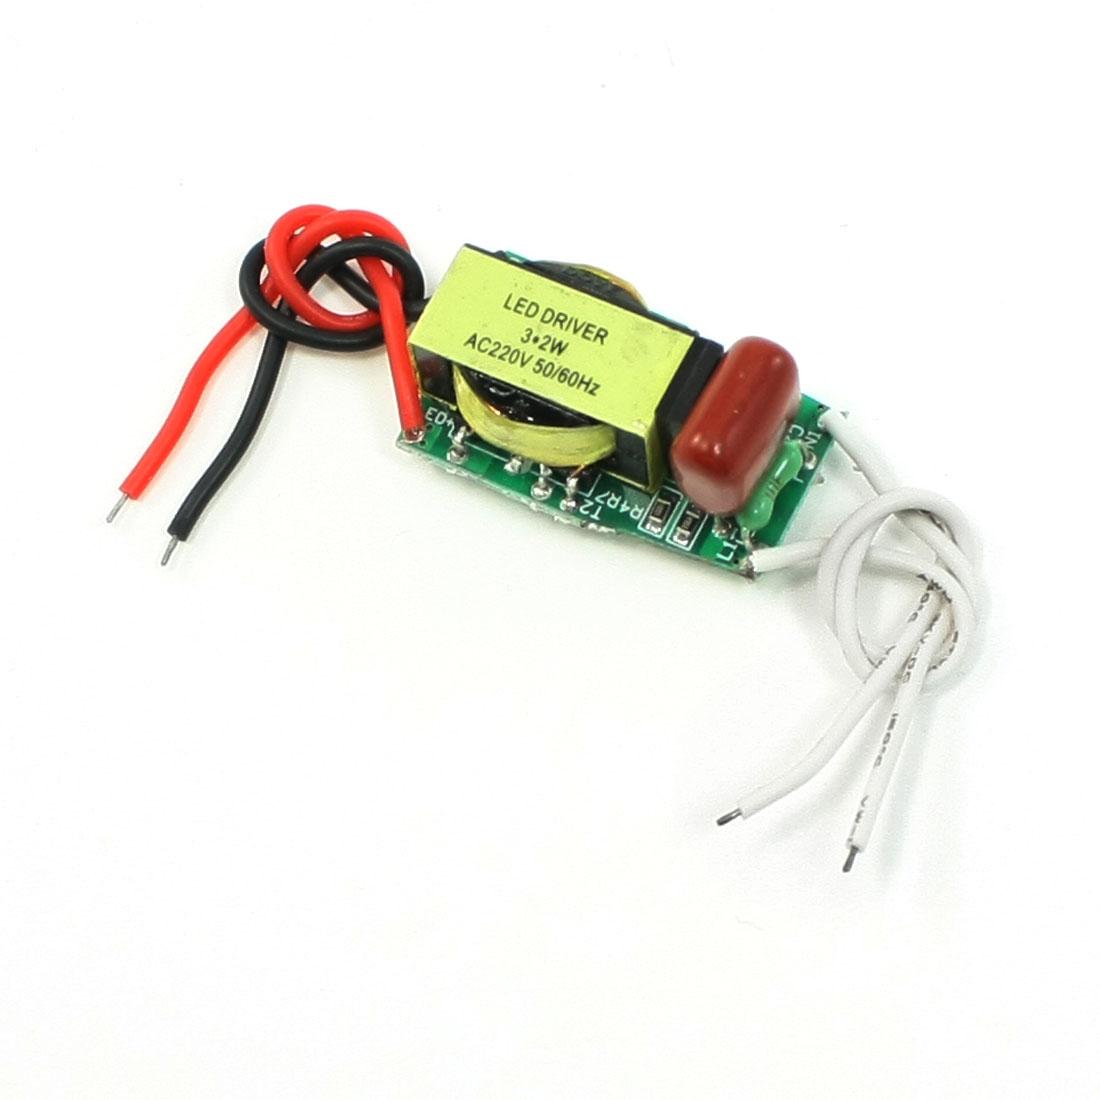 AC 110-220V DC 30-66V 300mA Power Supply Transformer for 3x2W LED Light